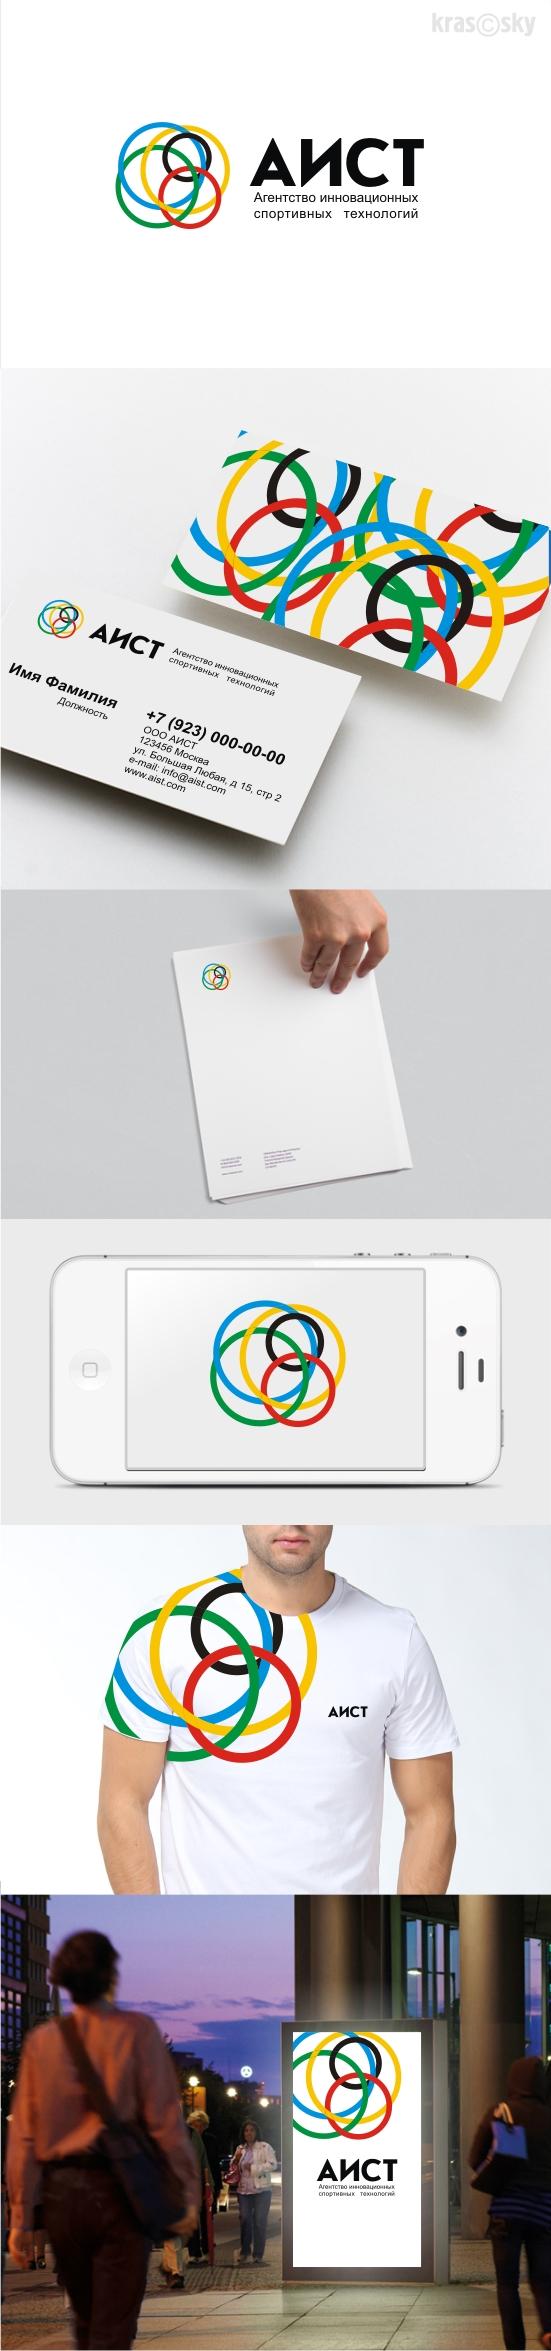 Лого и фирменный стиль (бланк, визитка) фото f_9565179ef275cd4d.jpg